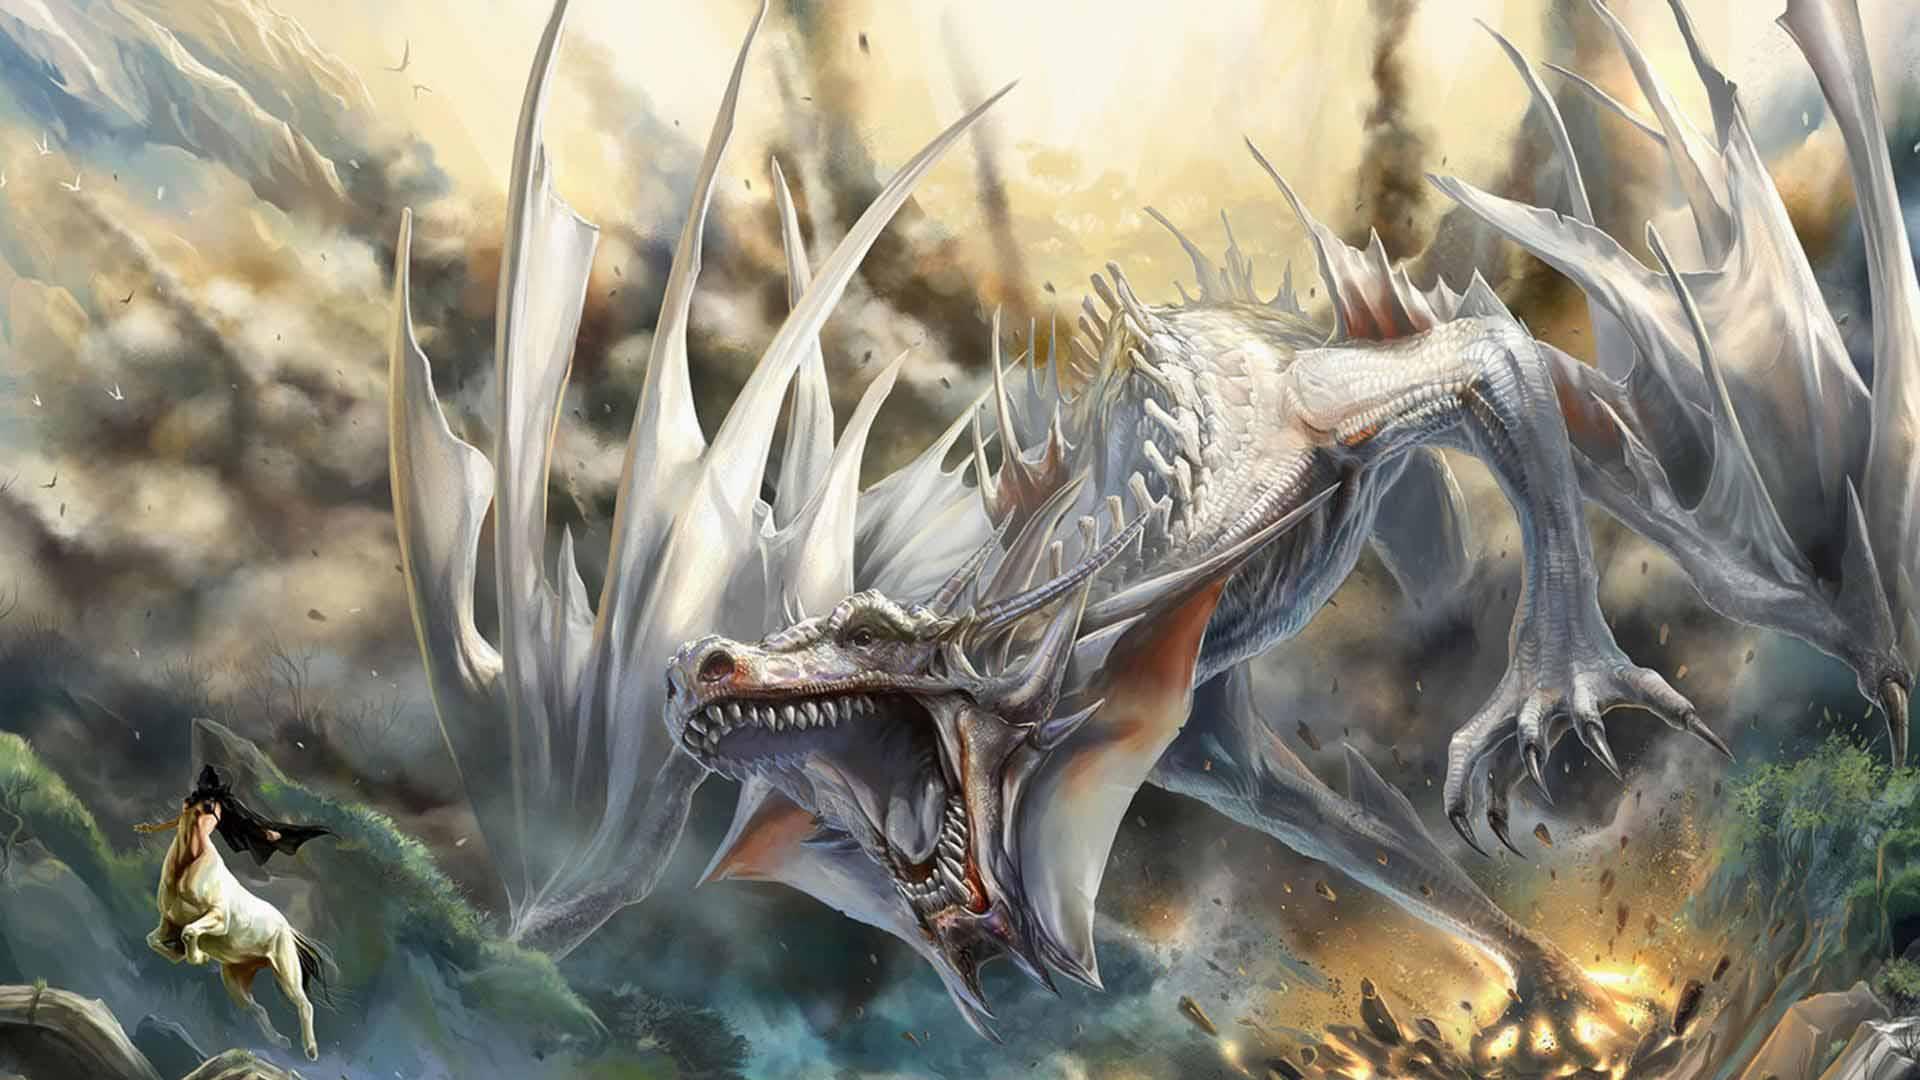 Dragon-Wallpaper